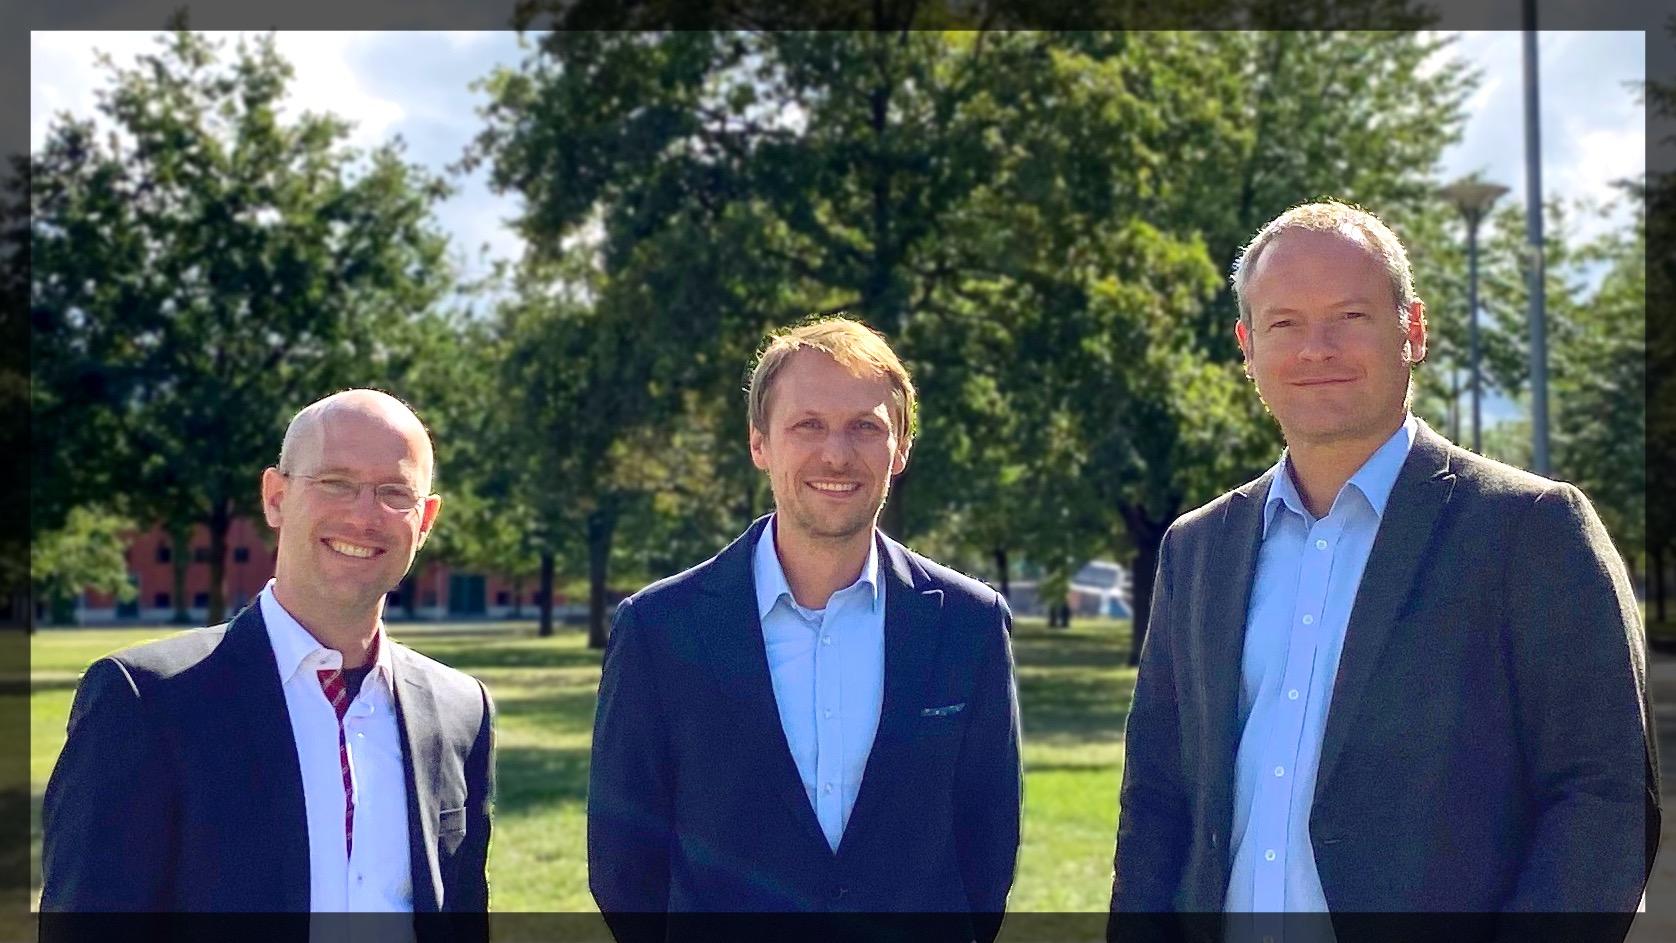 L. Ledernez, M. Bergmann, M. Altenburger